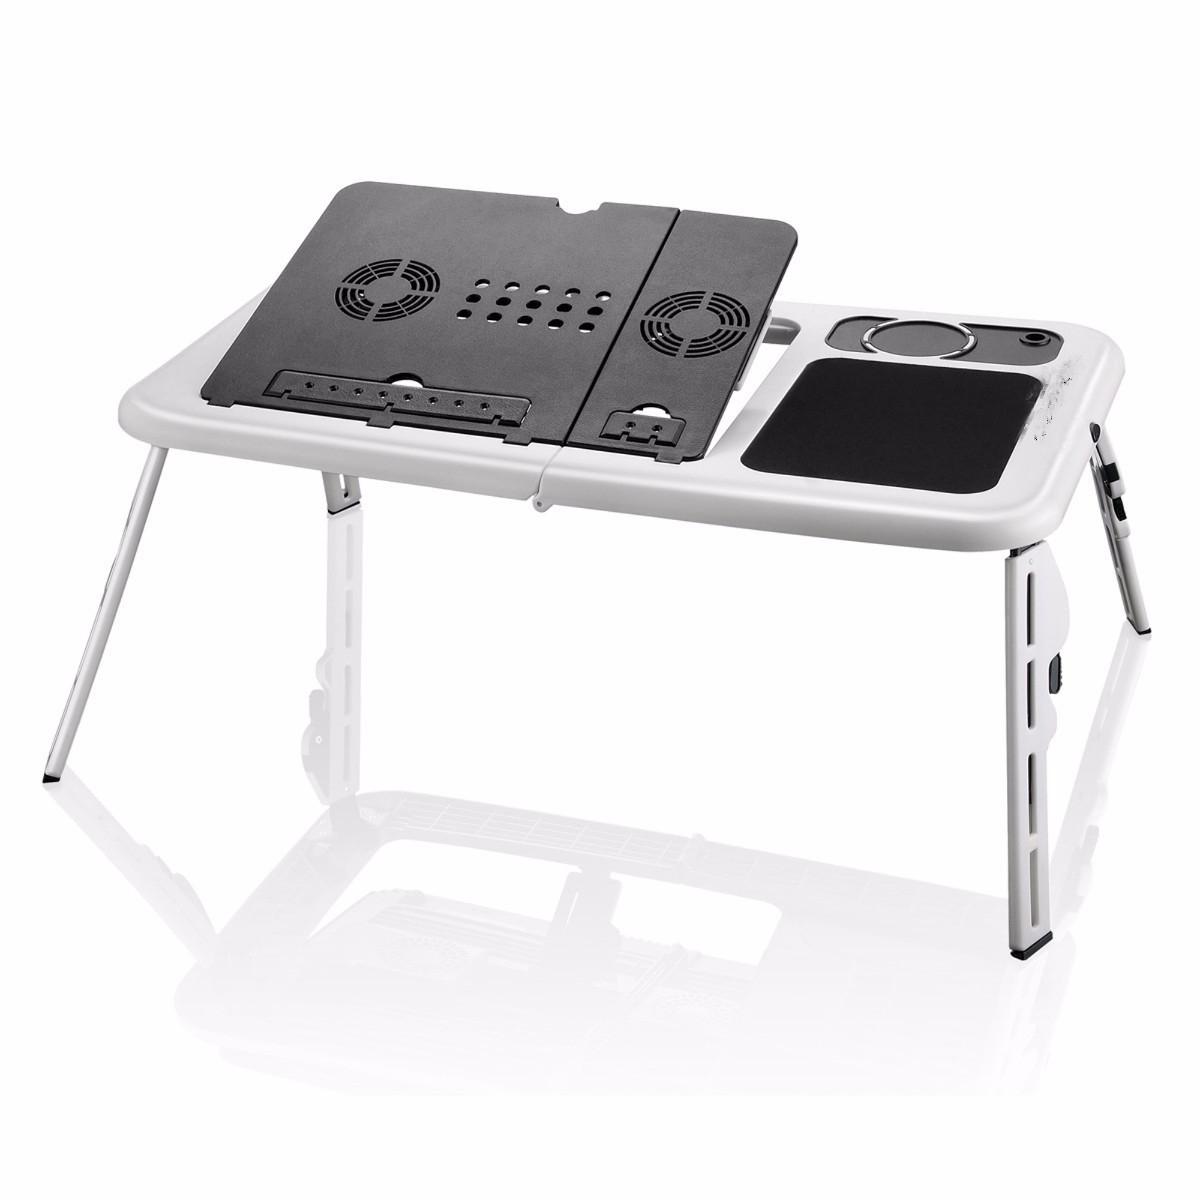 Складной портативный стол для ноутбука массажеры ермакова